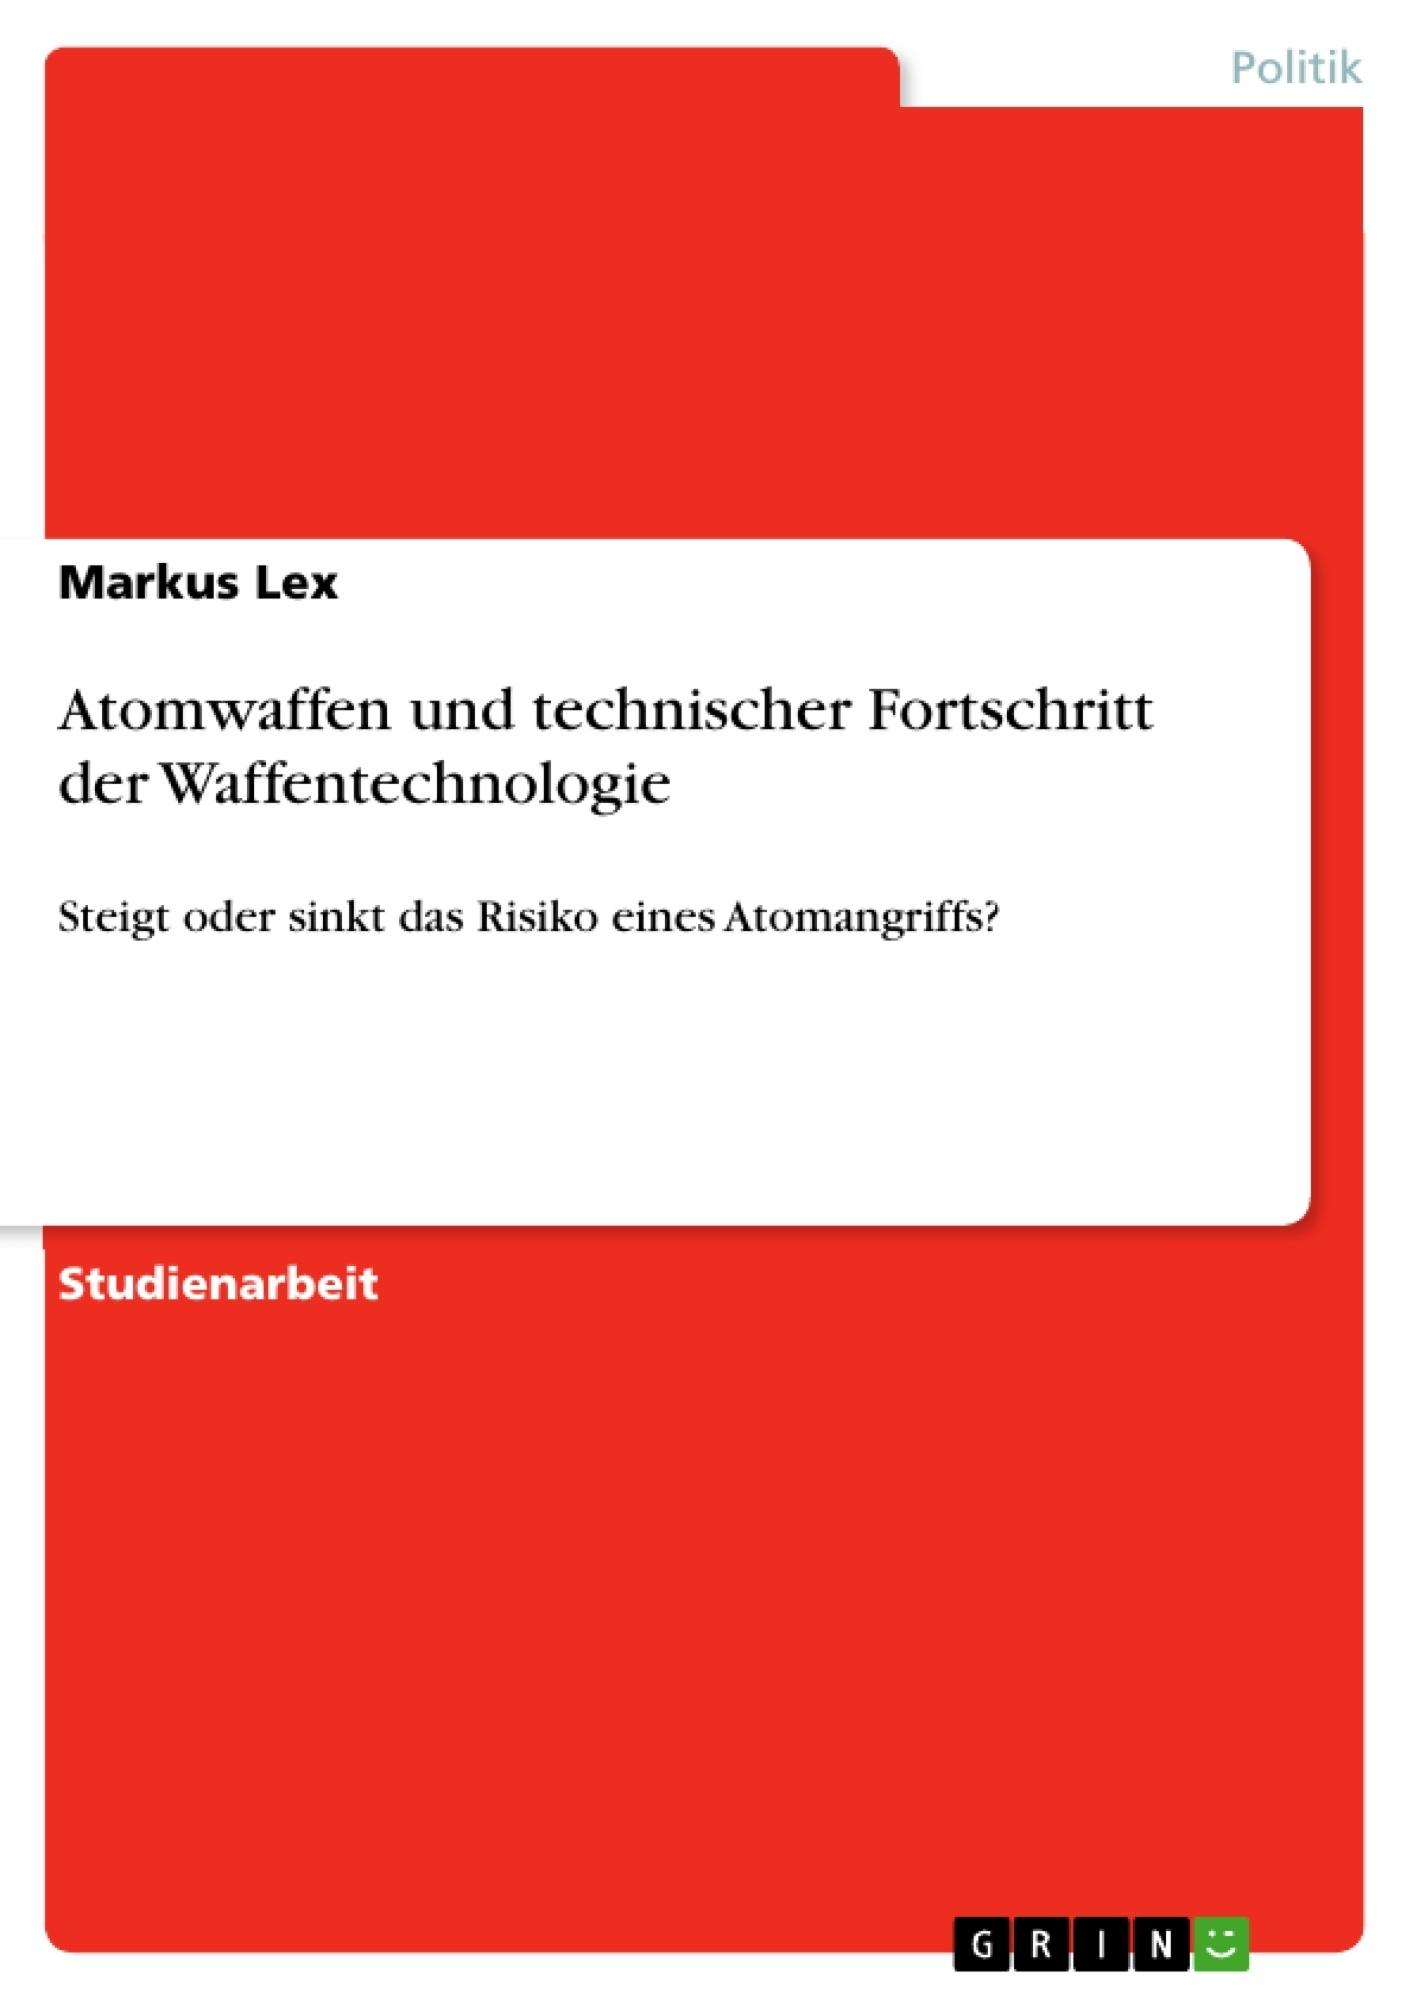 Titel: Atomwaffen und technischer Fortschritt der Waffentechnologie